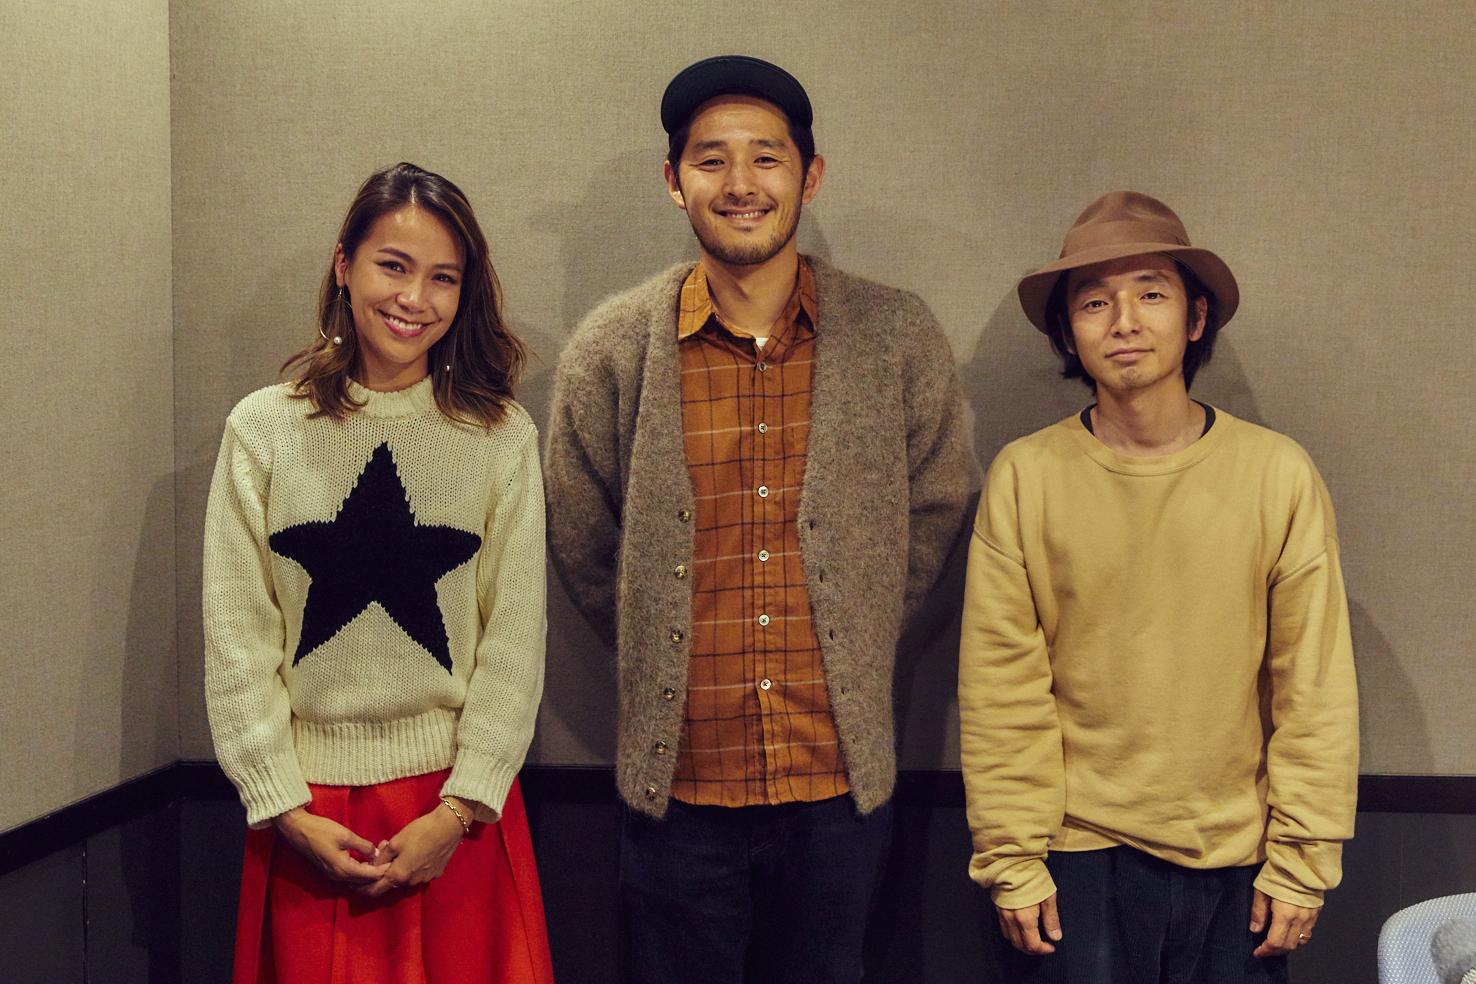 j_1150 ラジオ番組『Jeep® CREATIVE GARAGE』3月のゲストはアーティスト・花井祐介さん。